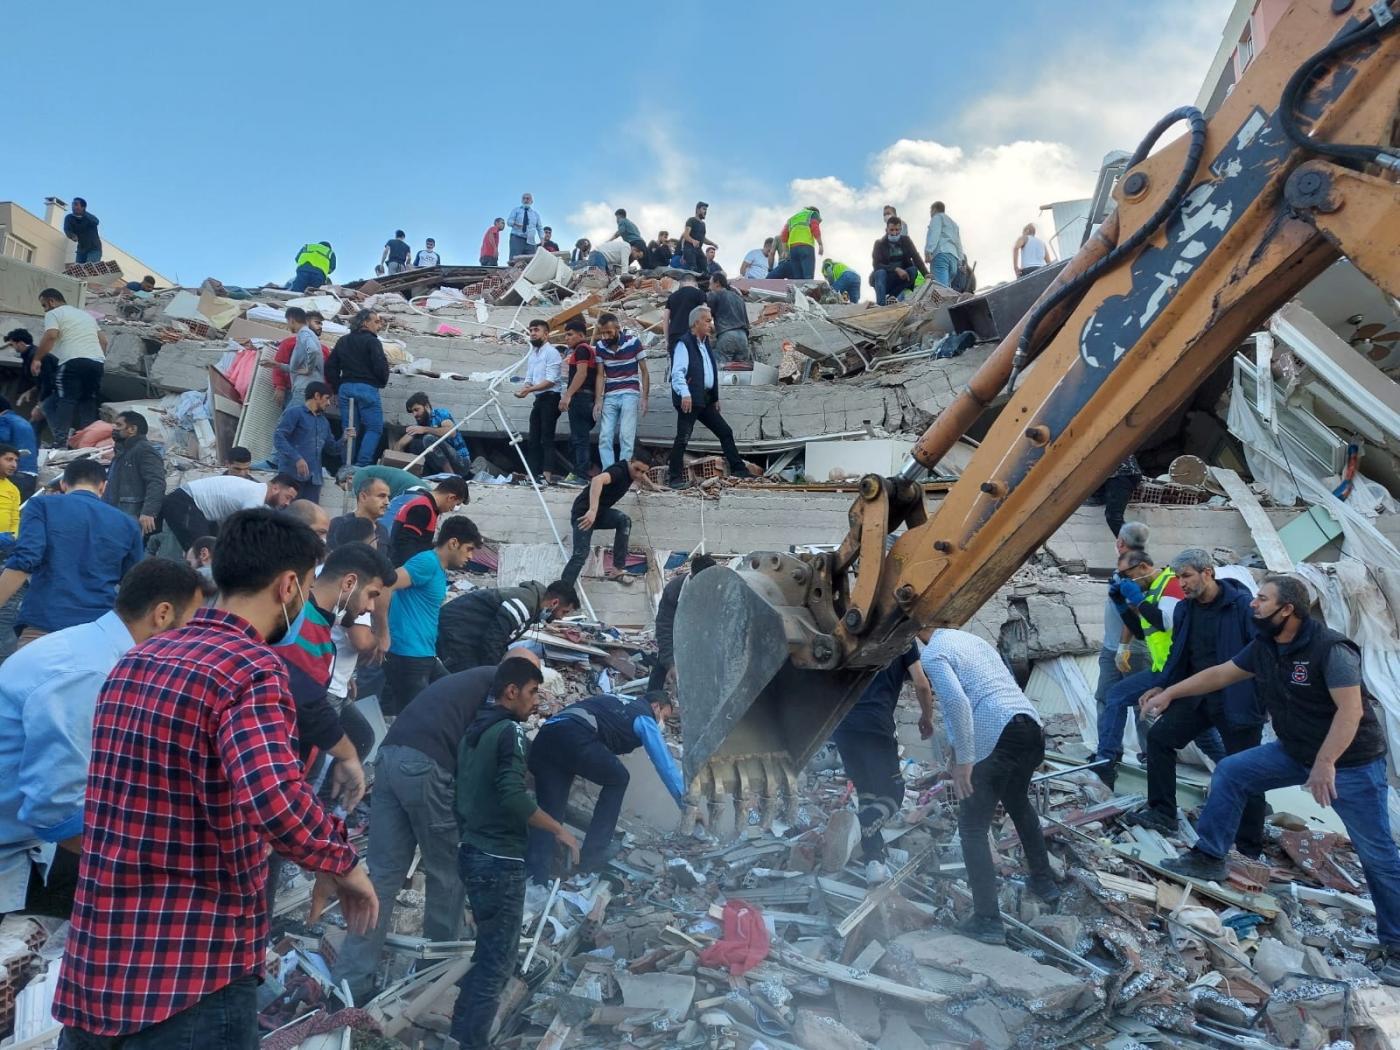 Động đất mạnh ở Thổ Nhĩ Kỳ, 800 người thương vong - Ảnh 1.